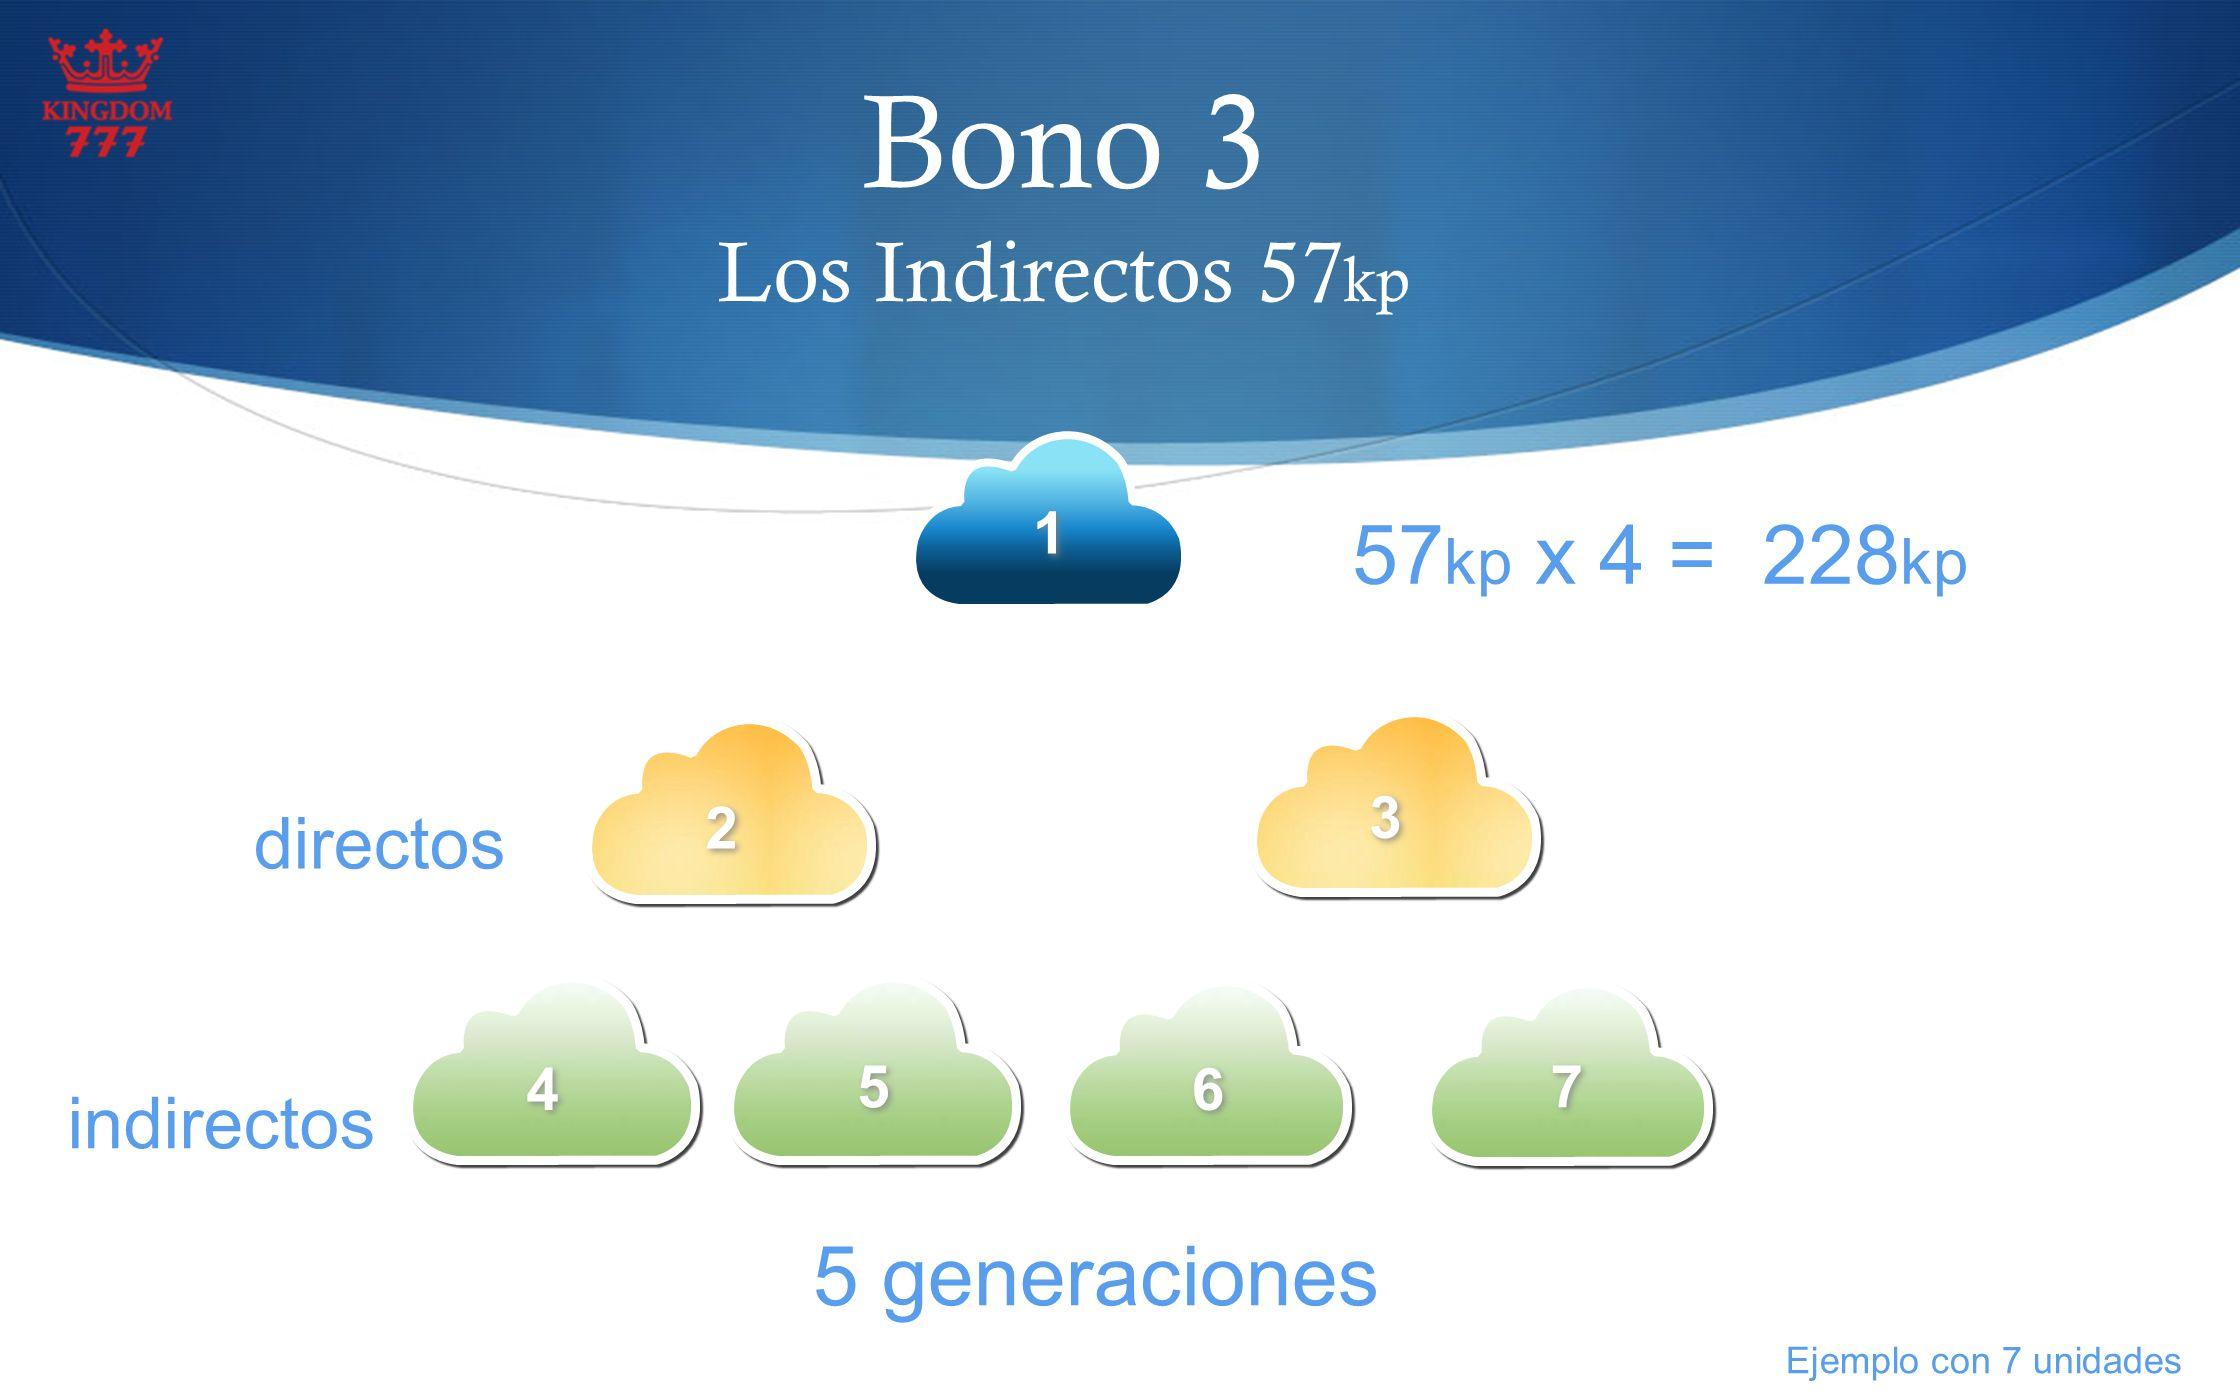 Bono 3 Los Indirectos 57kp 57kp x 4 = 228kp 5 generaciones Directos